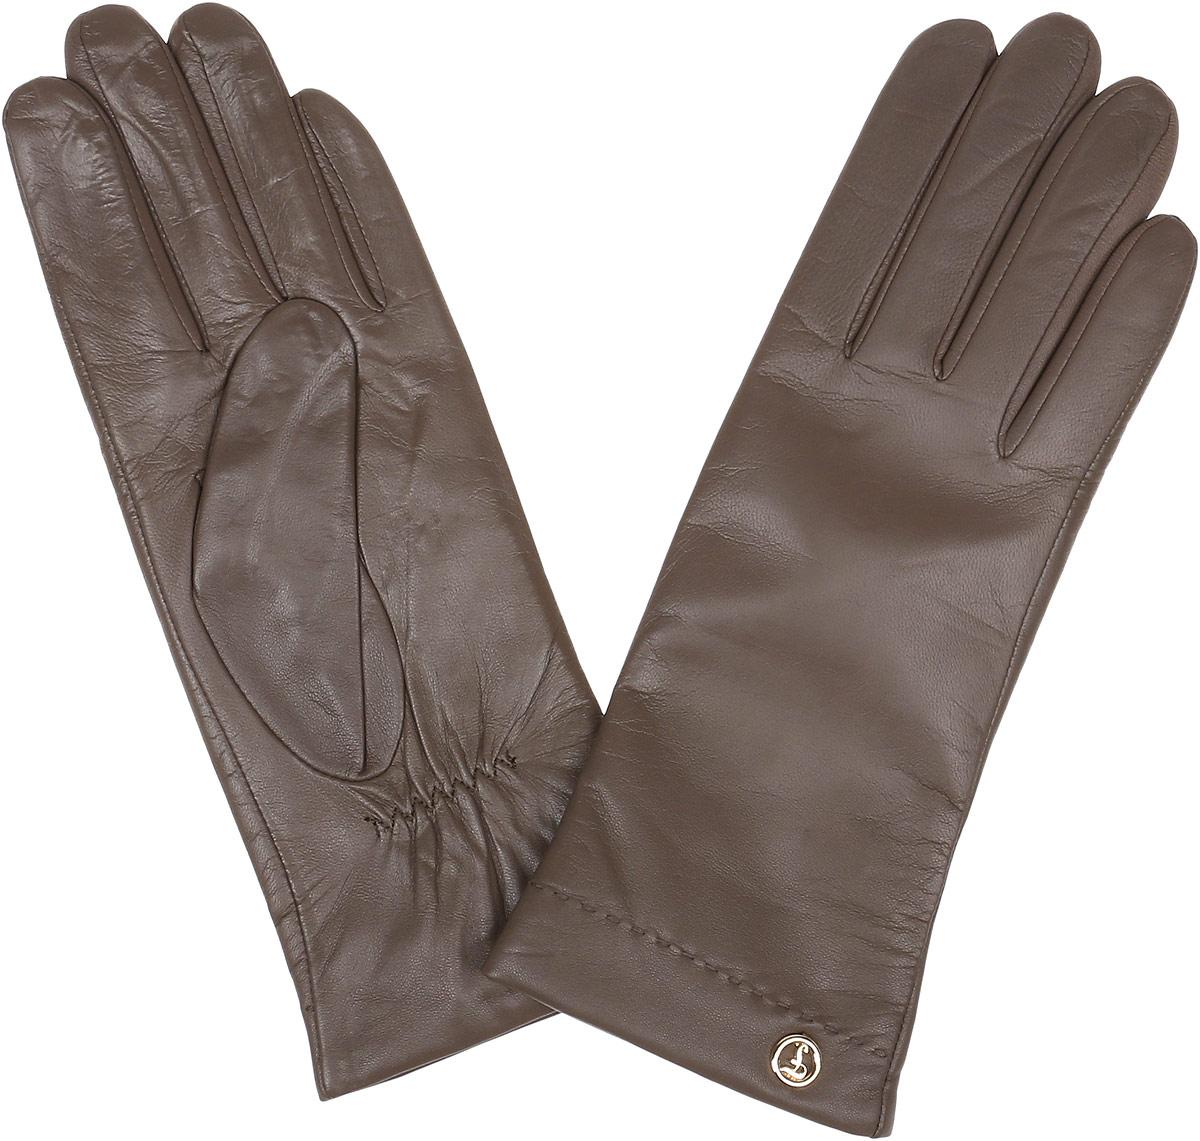 Перчатки12.9-10_taupeЭлегантные женские перчатки Fabretti станут великолепным дополнением вашего образа и защитят ваши руки от холода и ветра во время прогулок. Перчатки выполнены из натуральной кожи ягненка. Модель декорирована стильной металлической пластиной с названием бренда. Такие перчатки будут оригинальным завершающим штрихом в создании современного модного образа, они подчеркнут ваш изысканный вкус и станут незаменимым и практичным аксессуаром.